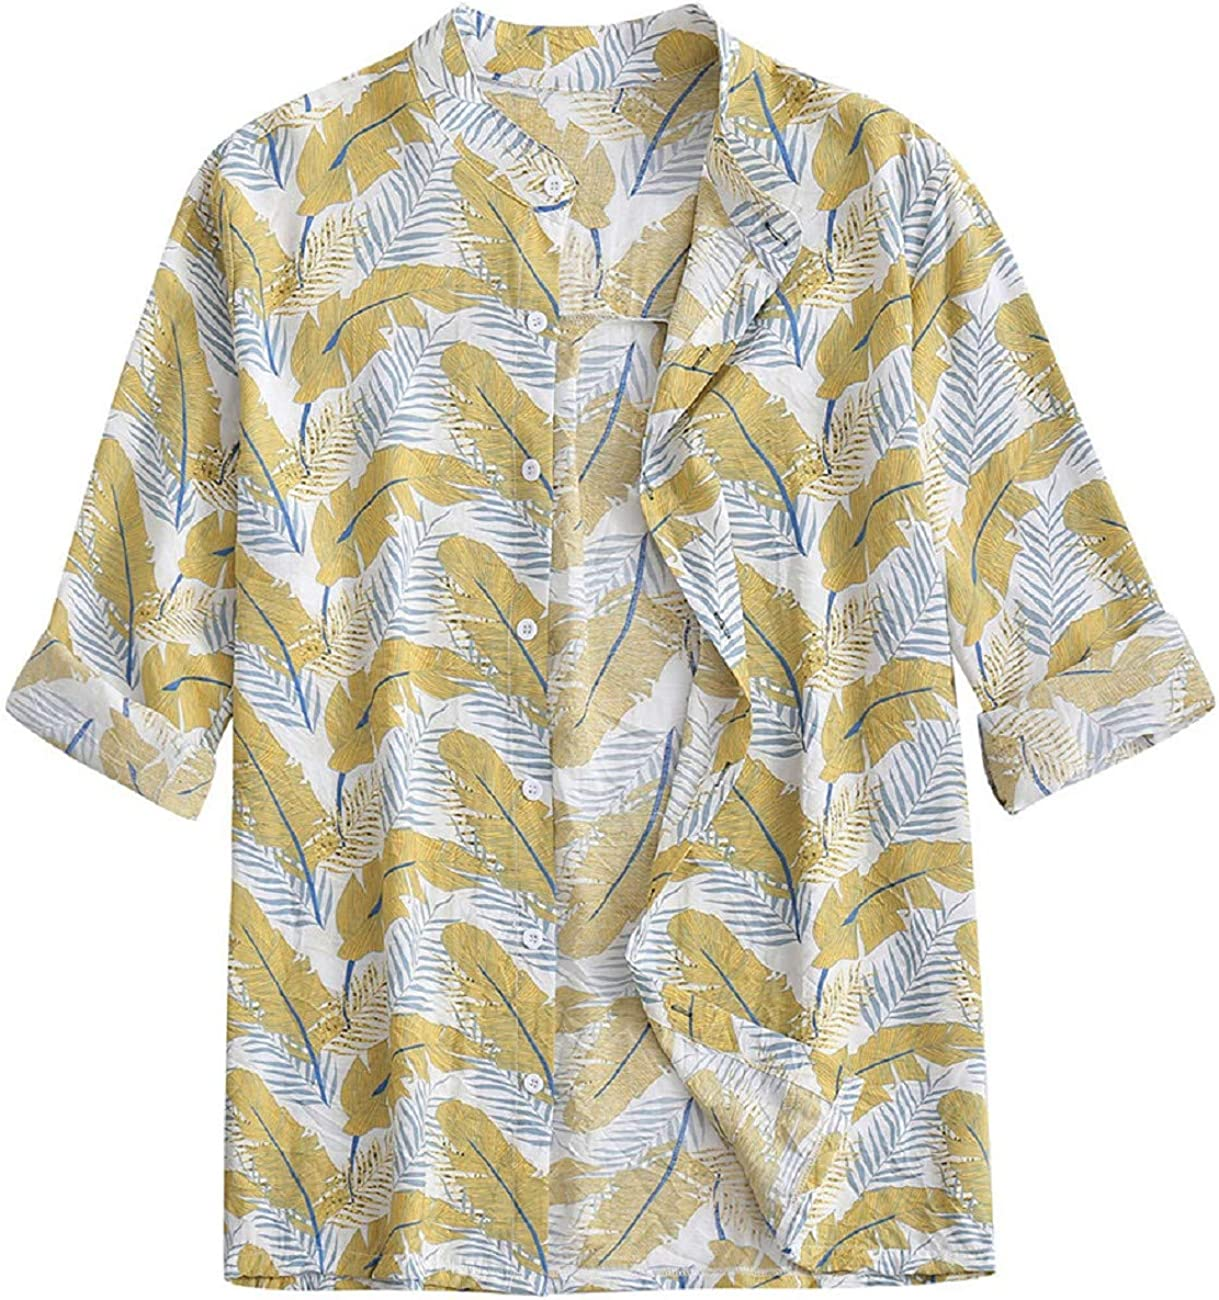 Camisa Hawaiana para Hombre Camisa De Manga Larga para Hombre Moda Casual Camiseta Estampada Tops AlgodóN De Lino Camisa Suelta Blusa Camiseta De Fiesta En La Playa Camiseta Resplend: Amazon.es: Ropa y